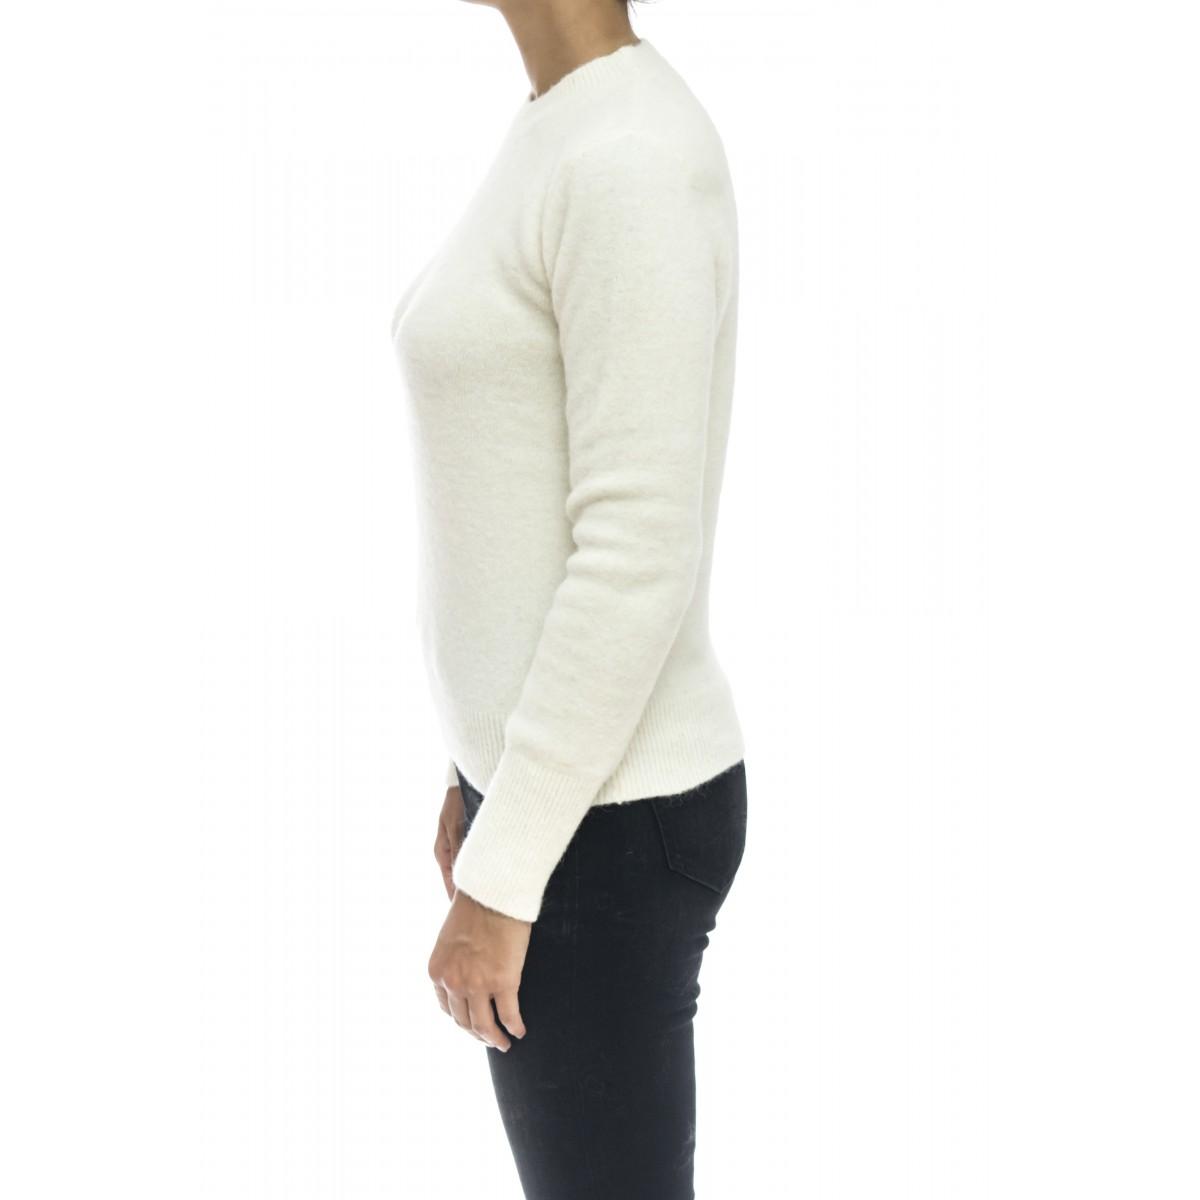 Maglieria - J1048 maglia giro garzata